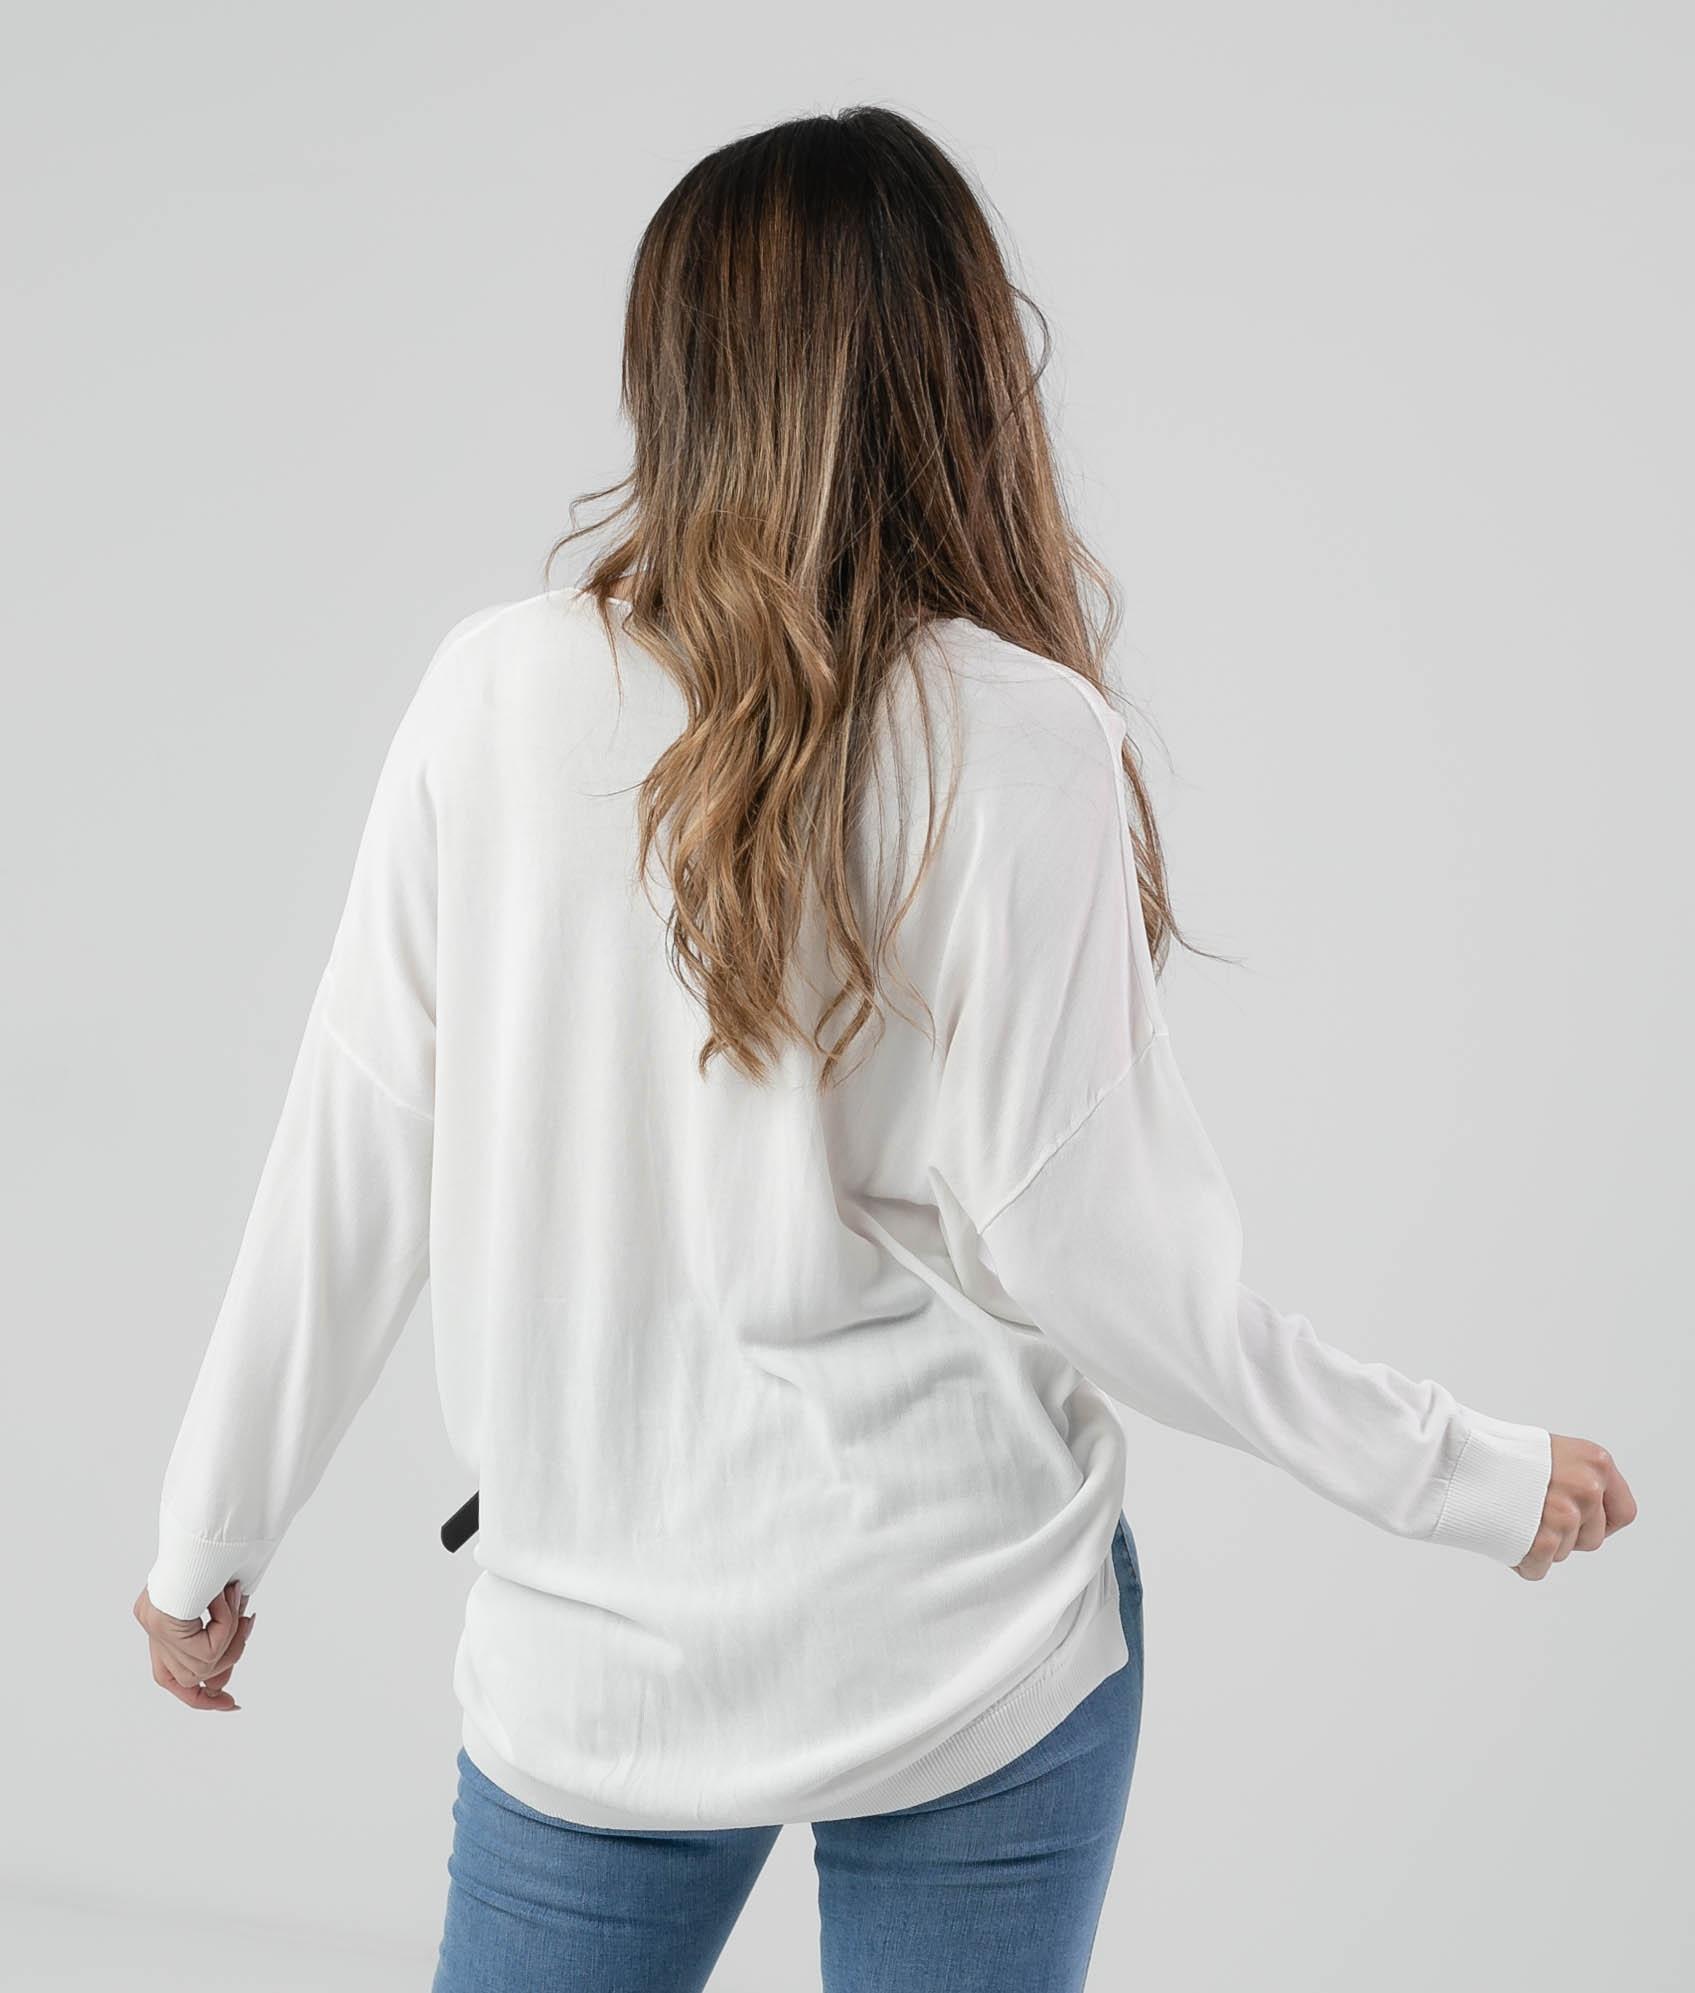 CAMISETA RICANLE - WHITE